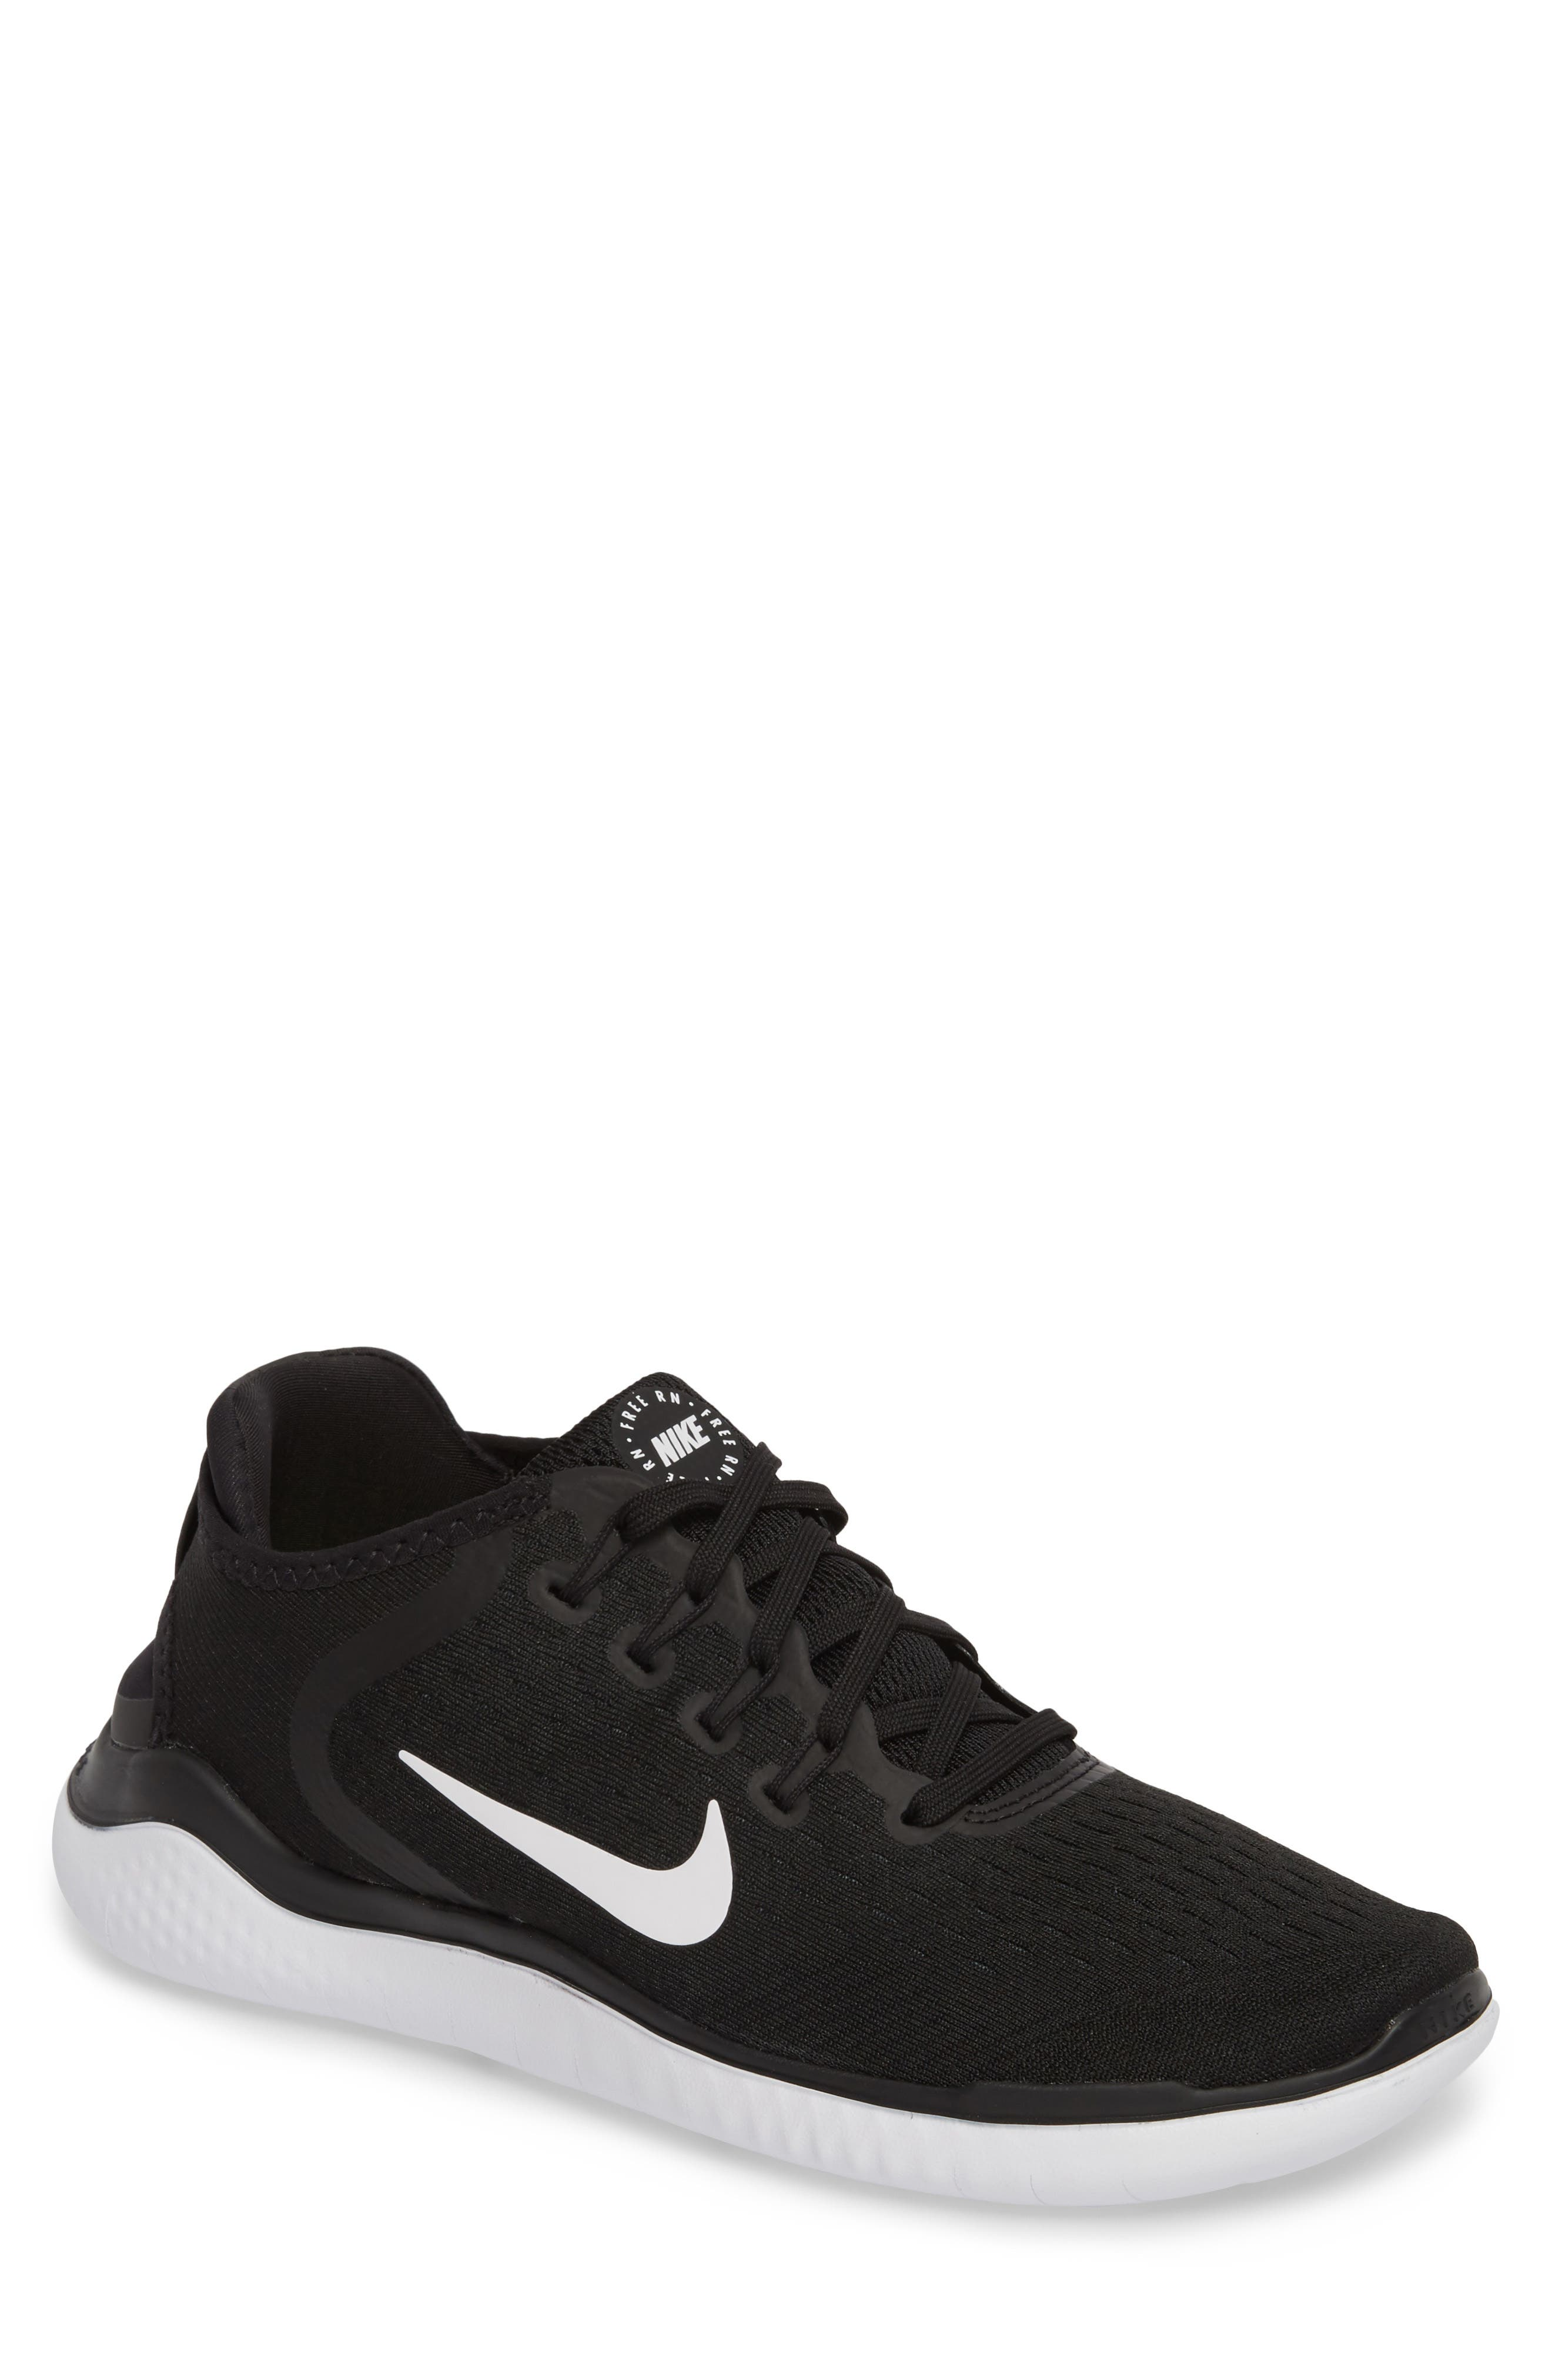 Nike Free RN 2018 Running Shoe (Men)